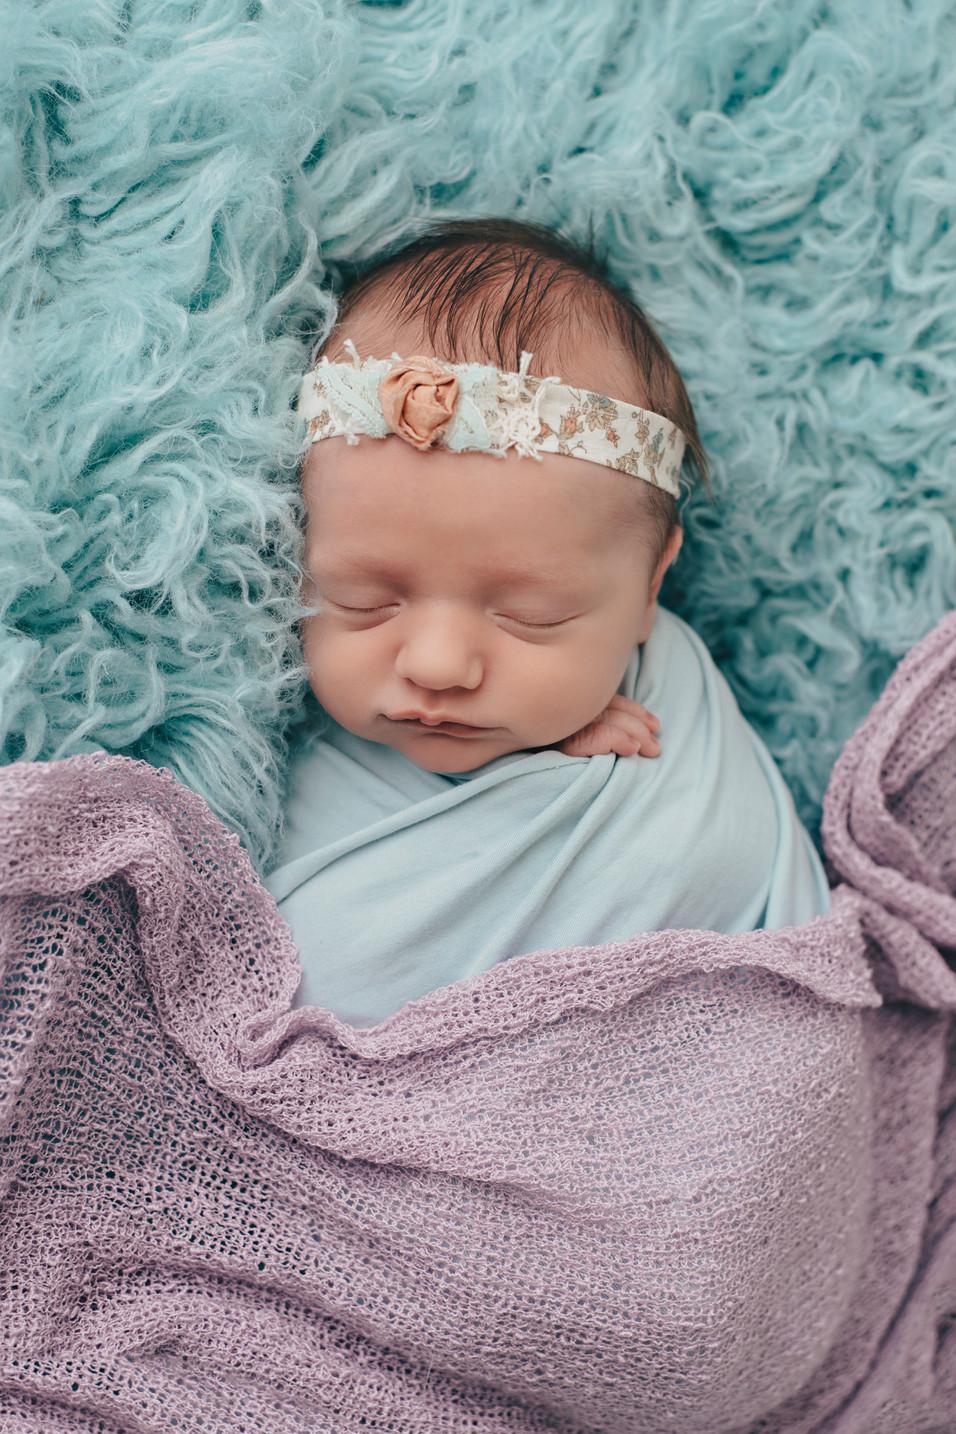 Avery, Newborn